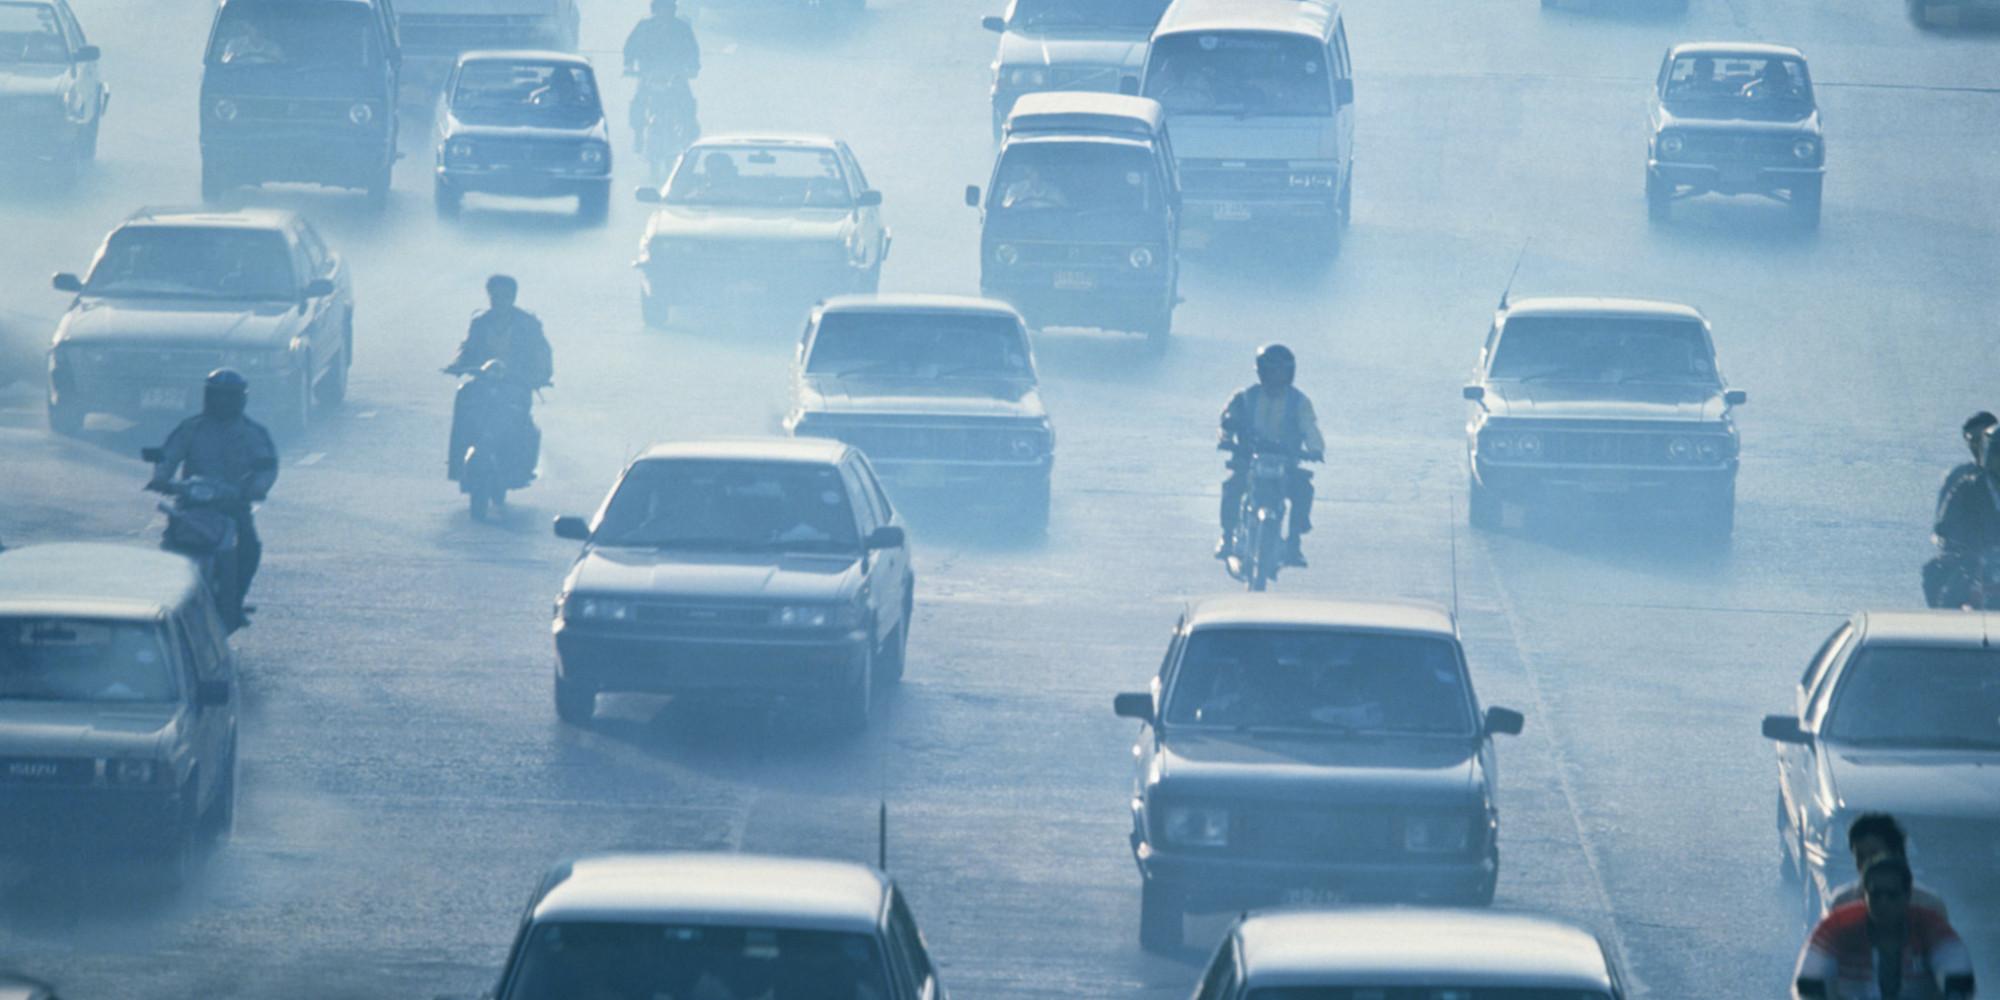 Dizel arabalar havayı ağır araç ve otobüslerden 10 kat daha fazla kirletiyor